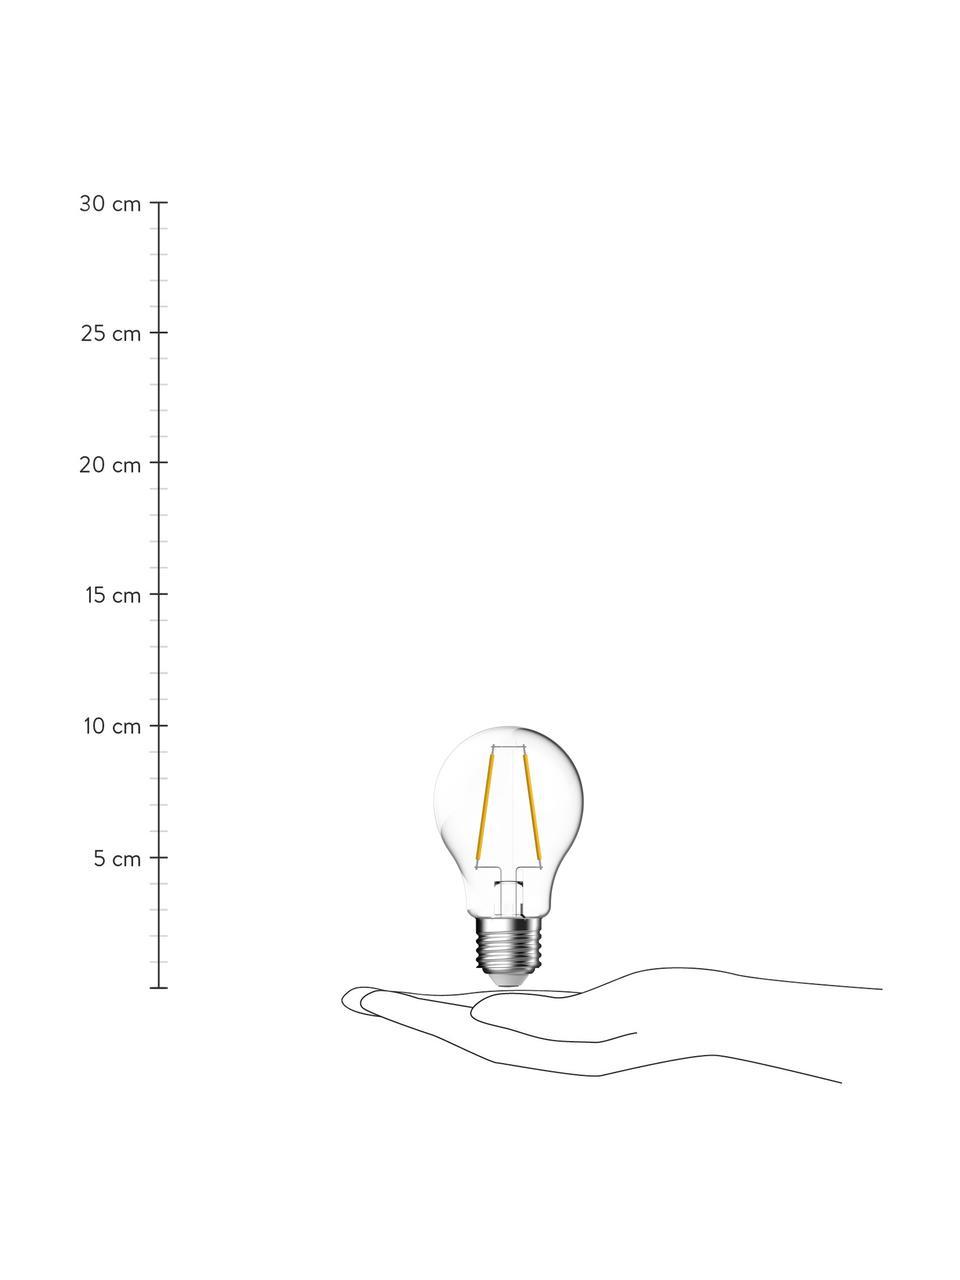 E27 peertje, 470lm, warmwit, 1 stuk, Peertje: glas, Fitting: aluminium, Transparant, Ø 6 x H 10 cm